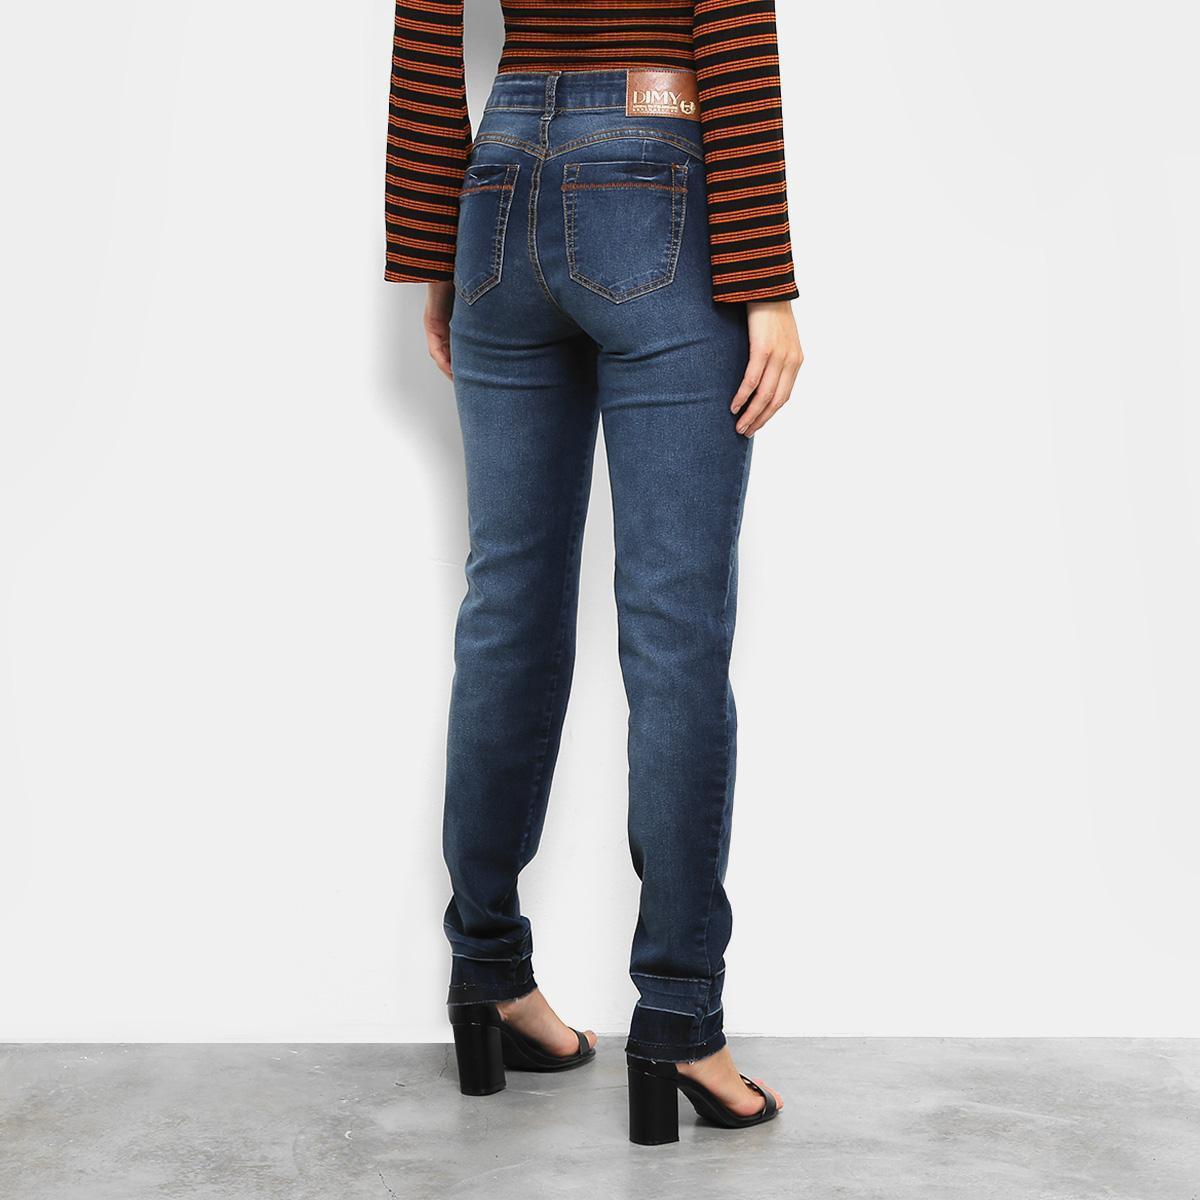 7c798abdad Calça Jeans Skinny Dimy Estonada Barra Desfiada Feminina R$ 149,99 à vista.  Adicionar à sacola